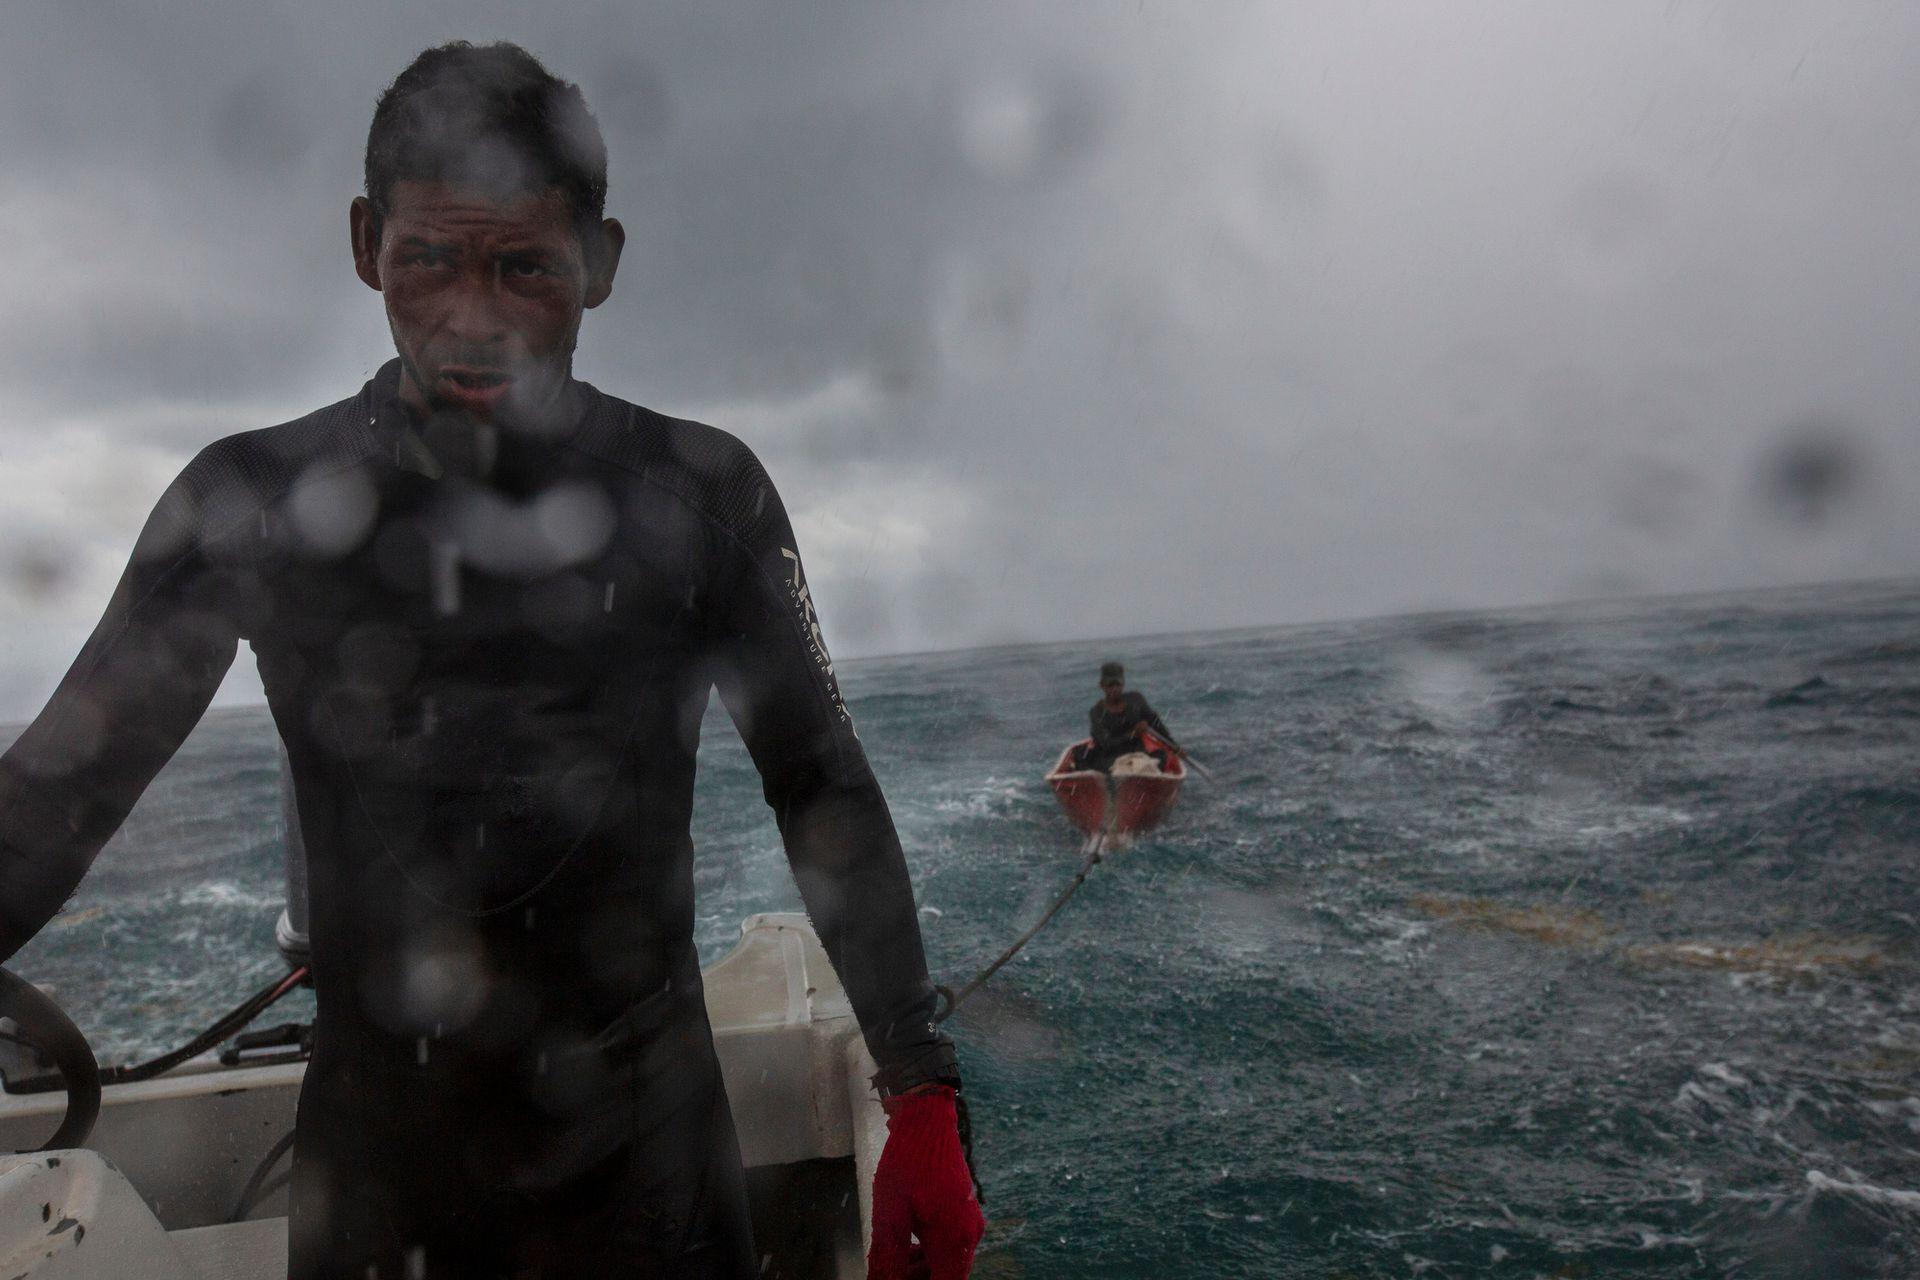 Un pescador durante una fuerte tormenta en el Cayo Savanna